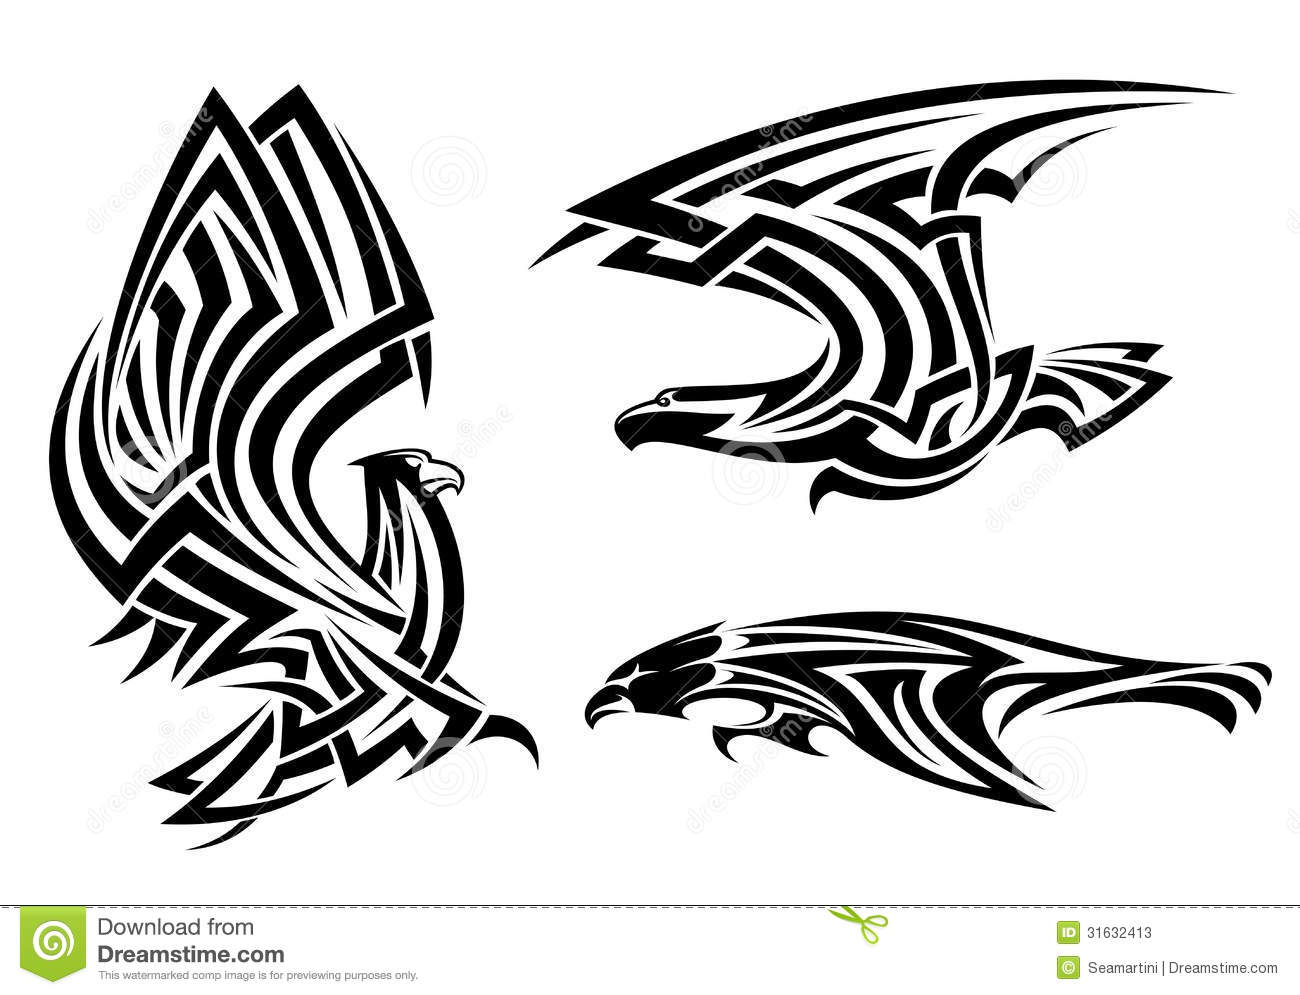 Falcon tattoo design - photo#24